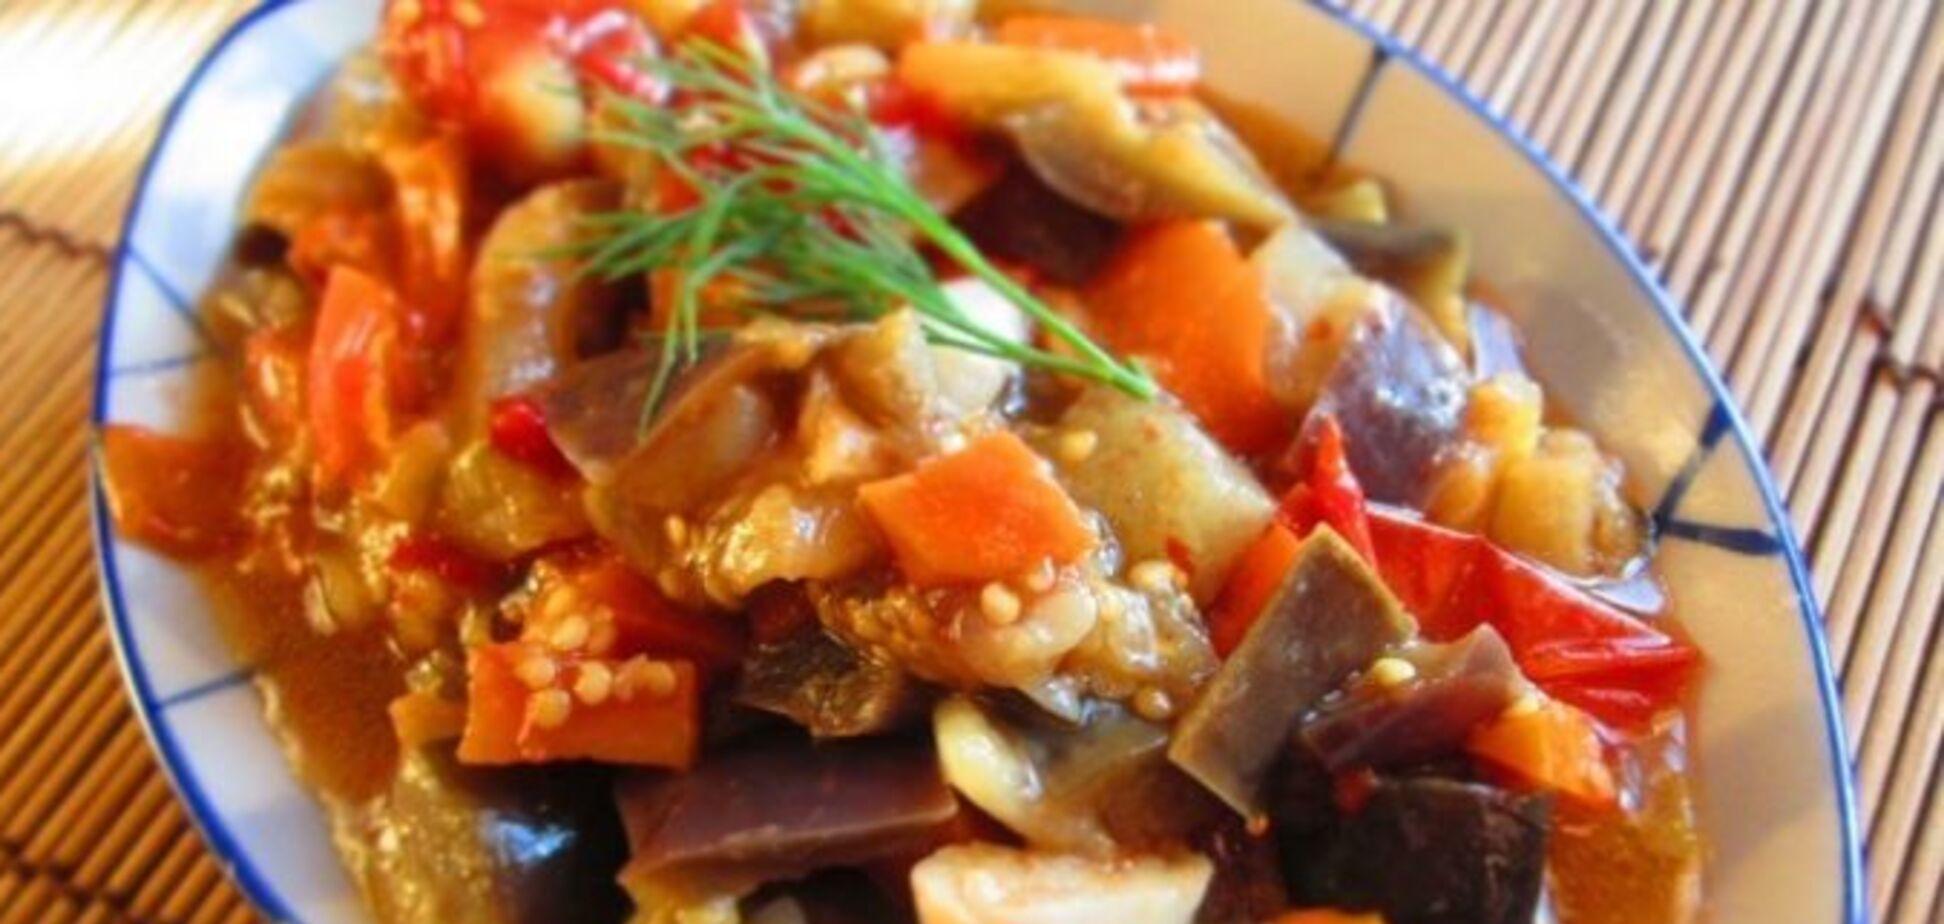 Рецепт блюда с баклажанами, который непременно всем нужно отведать